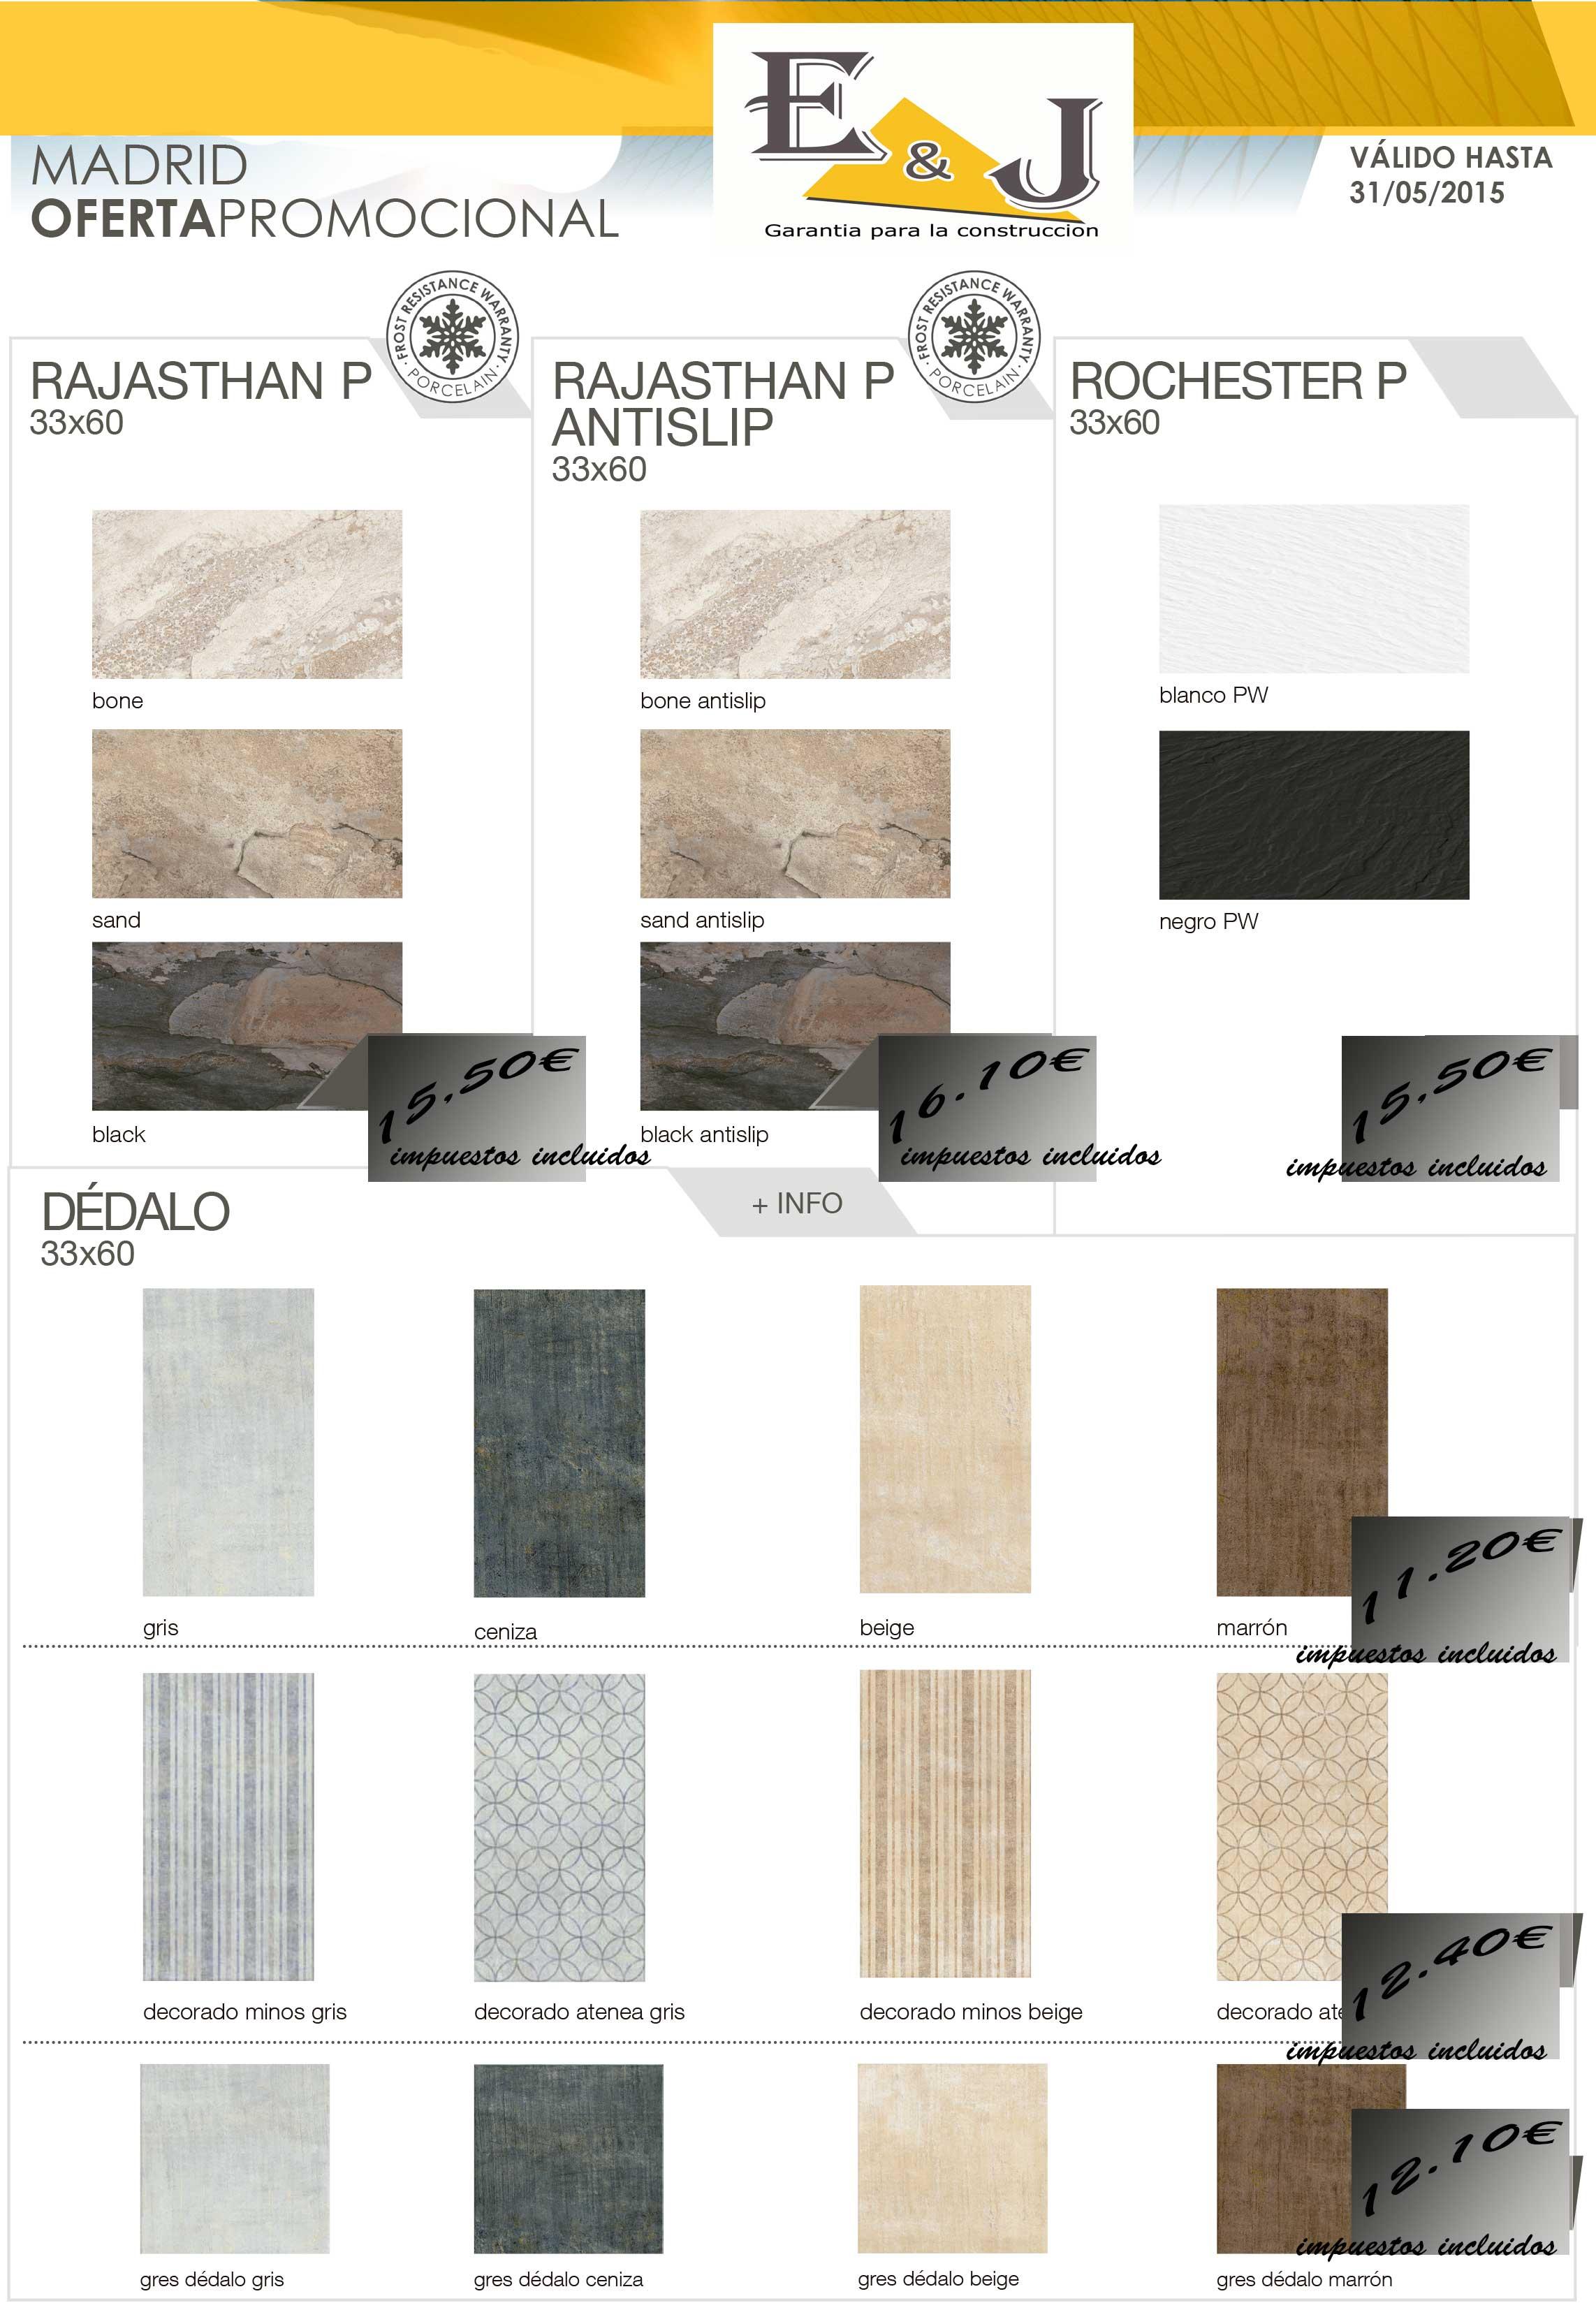 Comprar azulejos y pavimentos en madrid for Azulejos y pavimentos sol